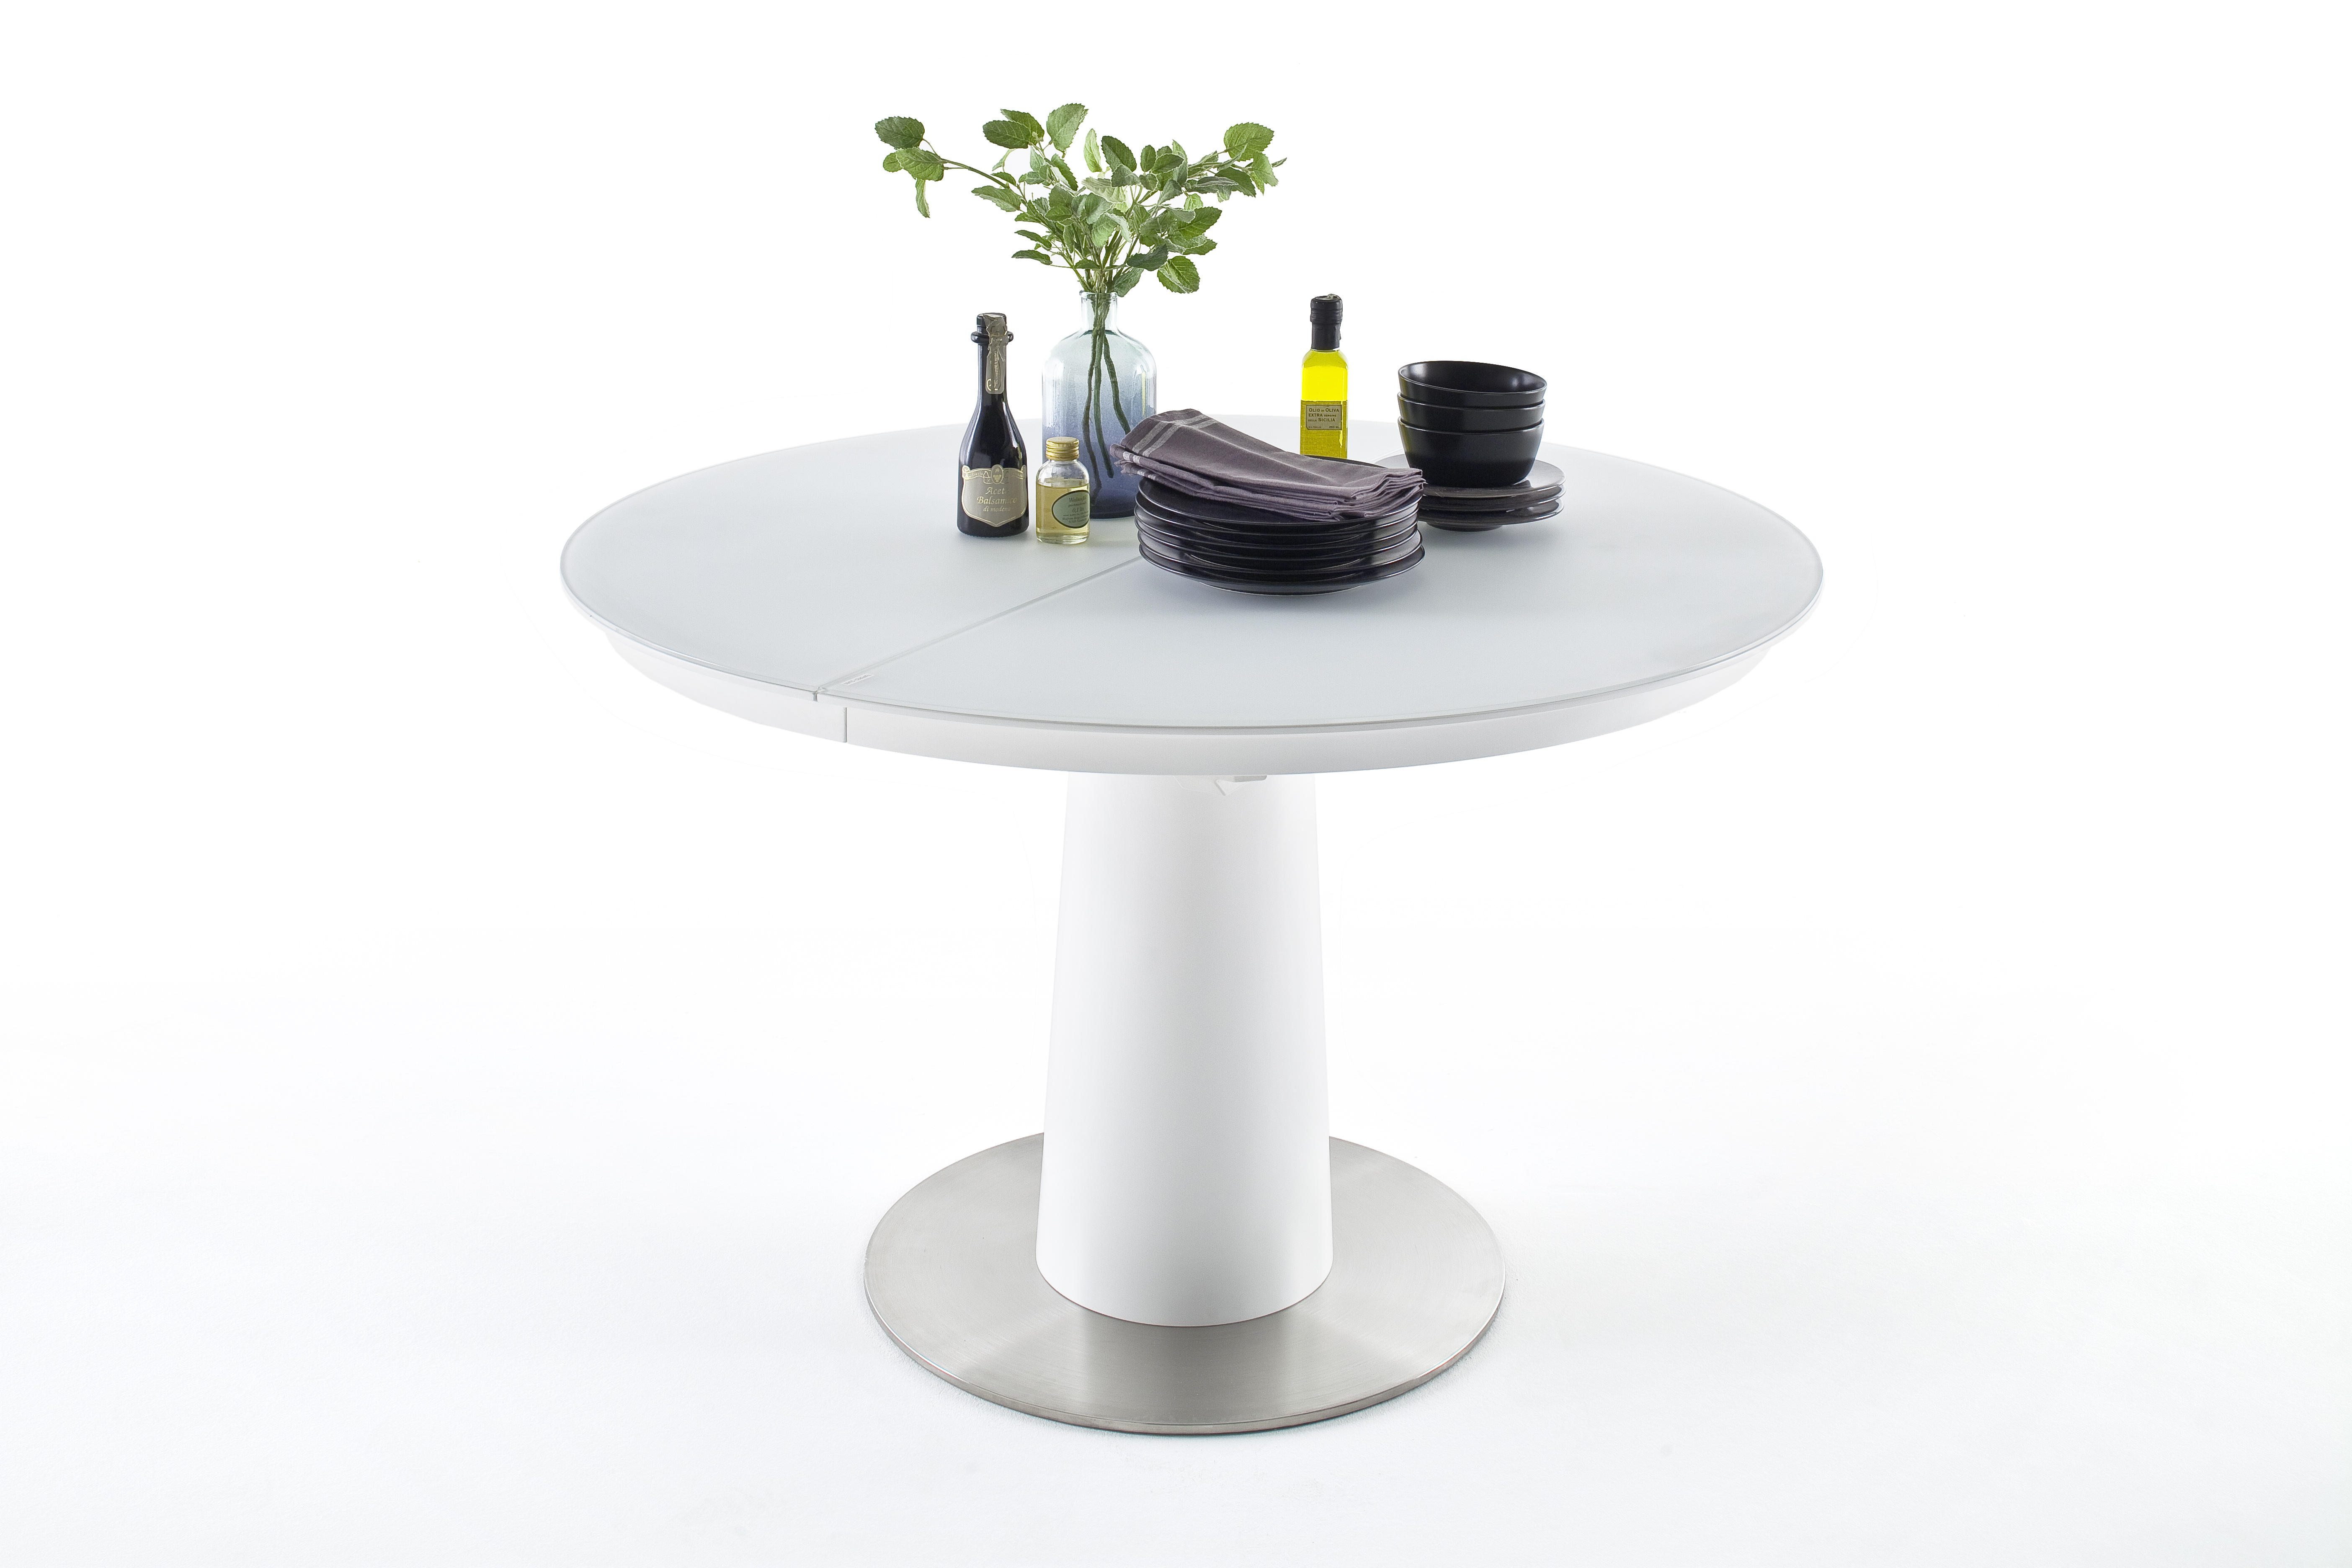 Ethnicraft osso uitschuifbare eettafel eettafels meubelen